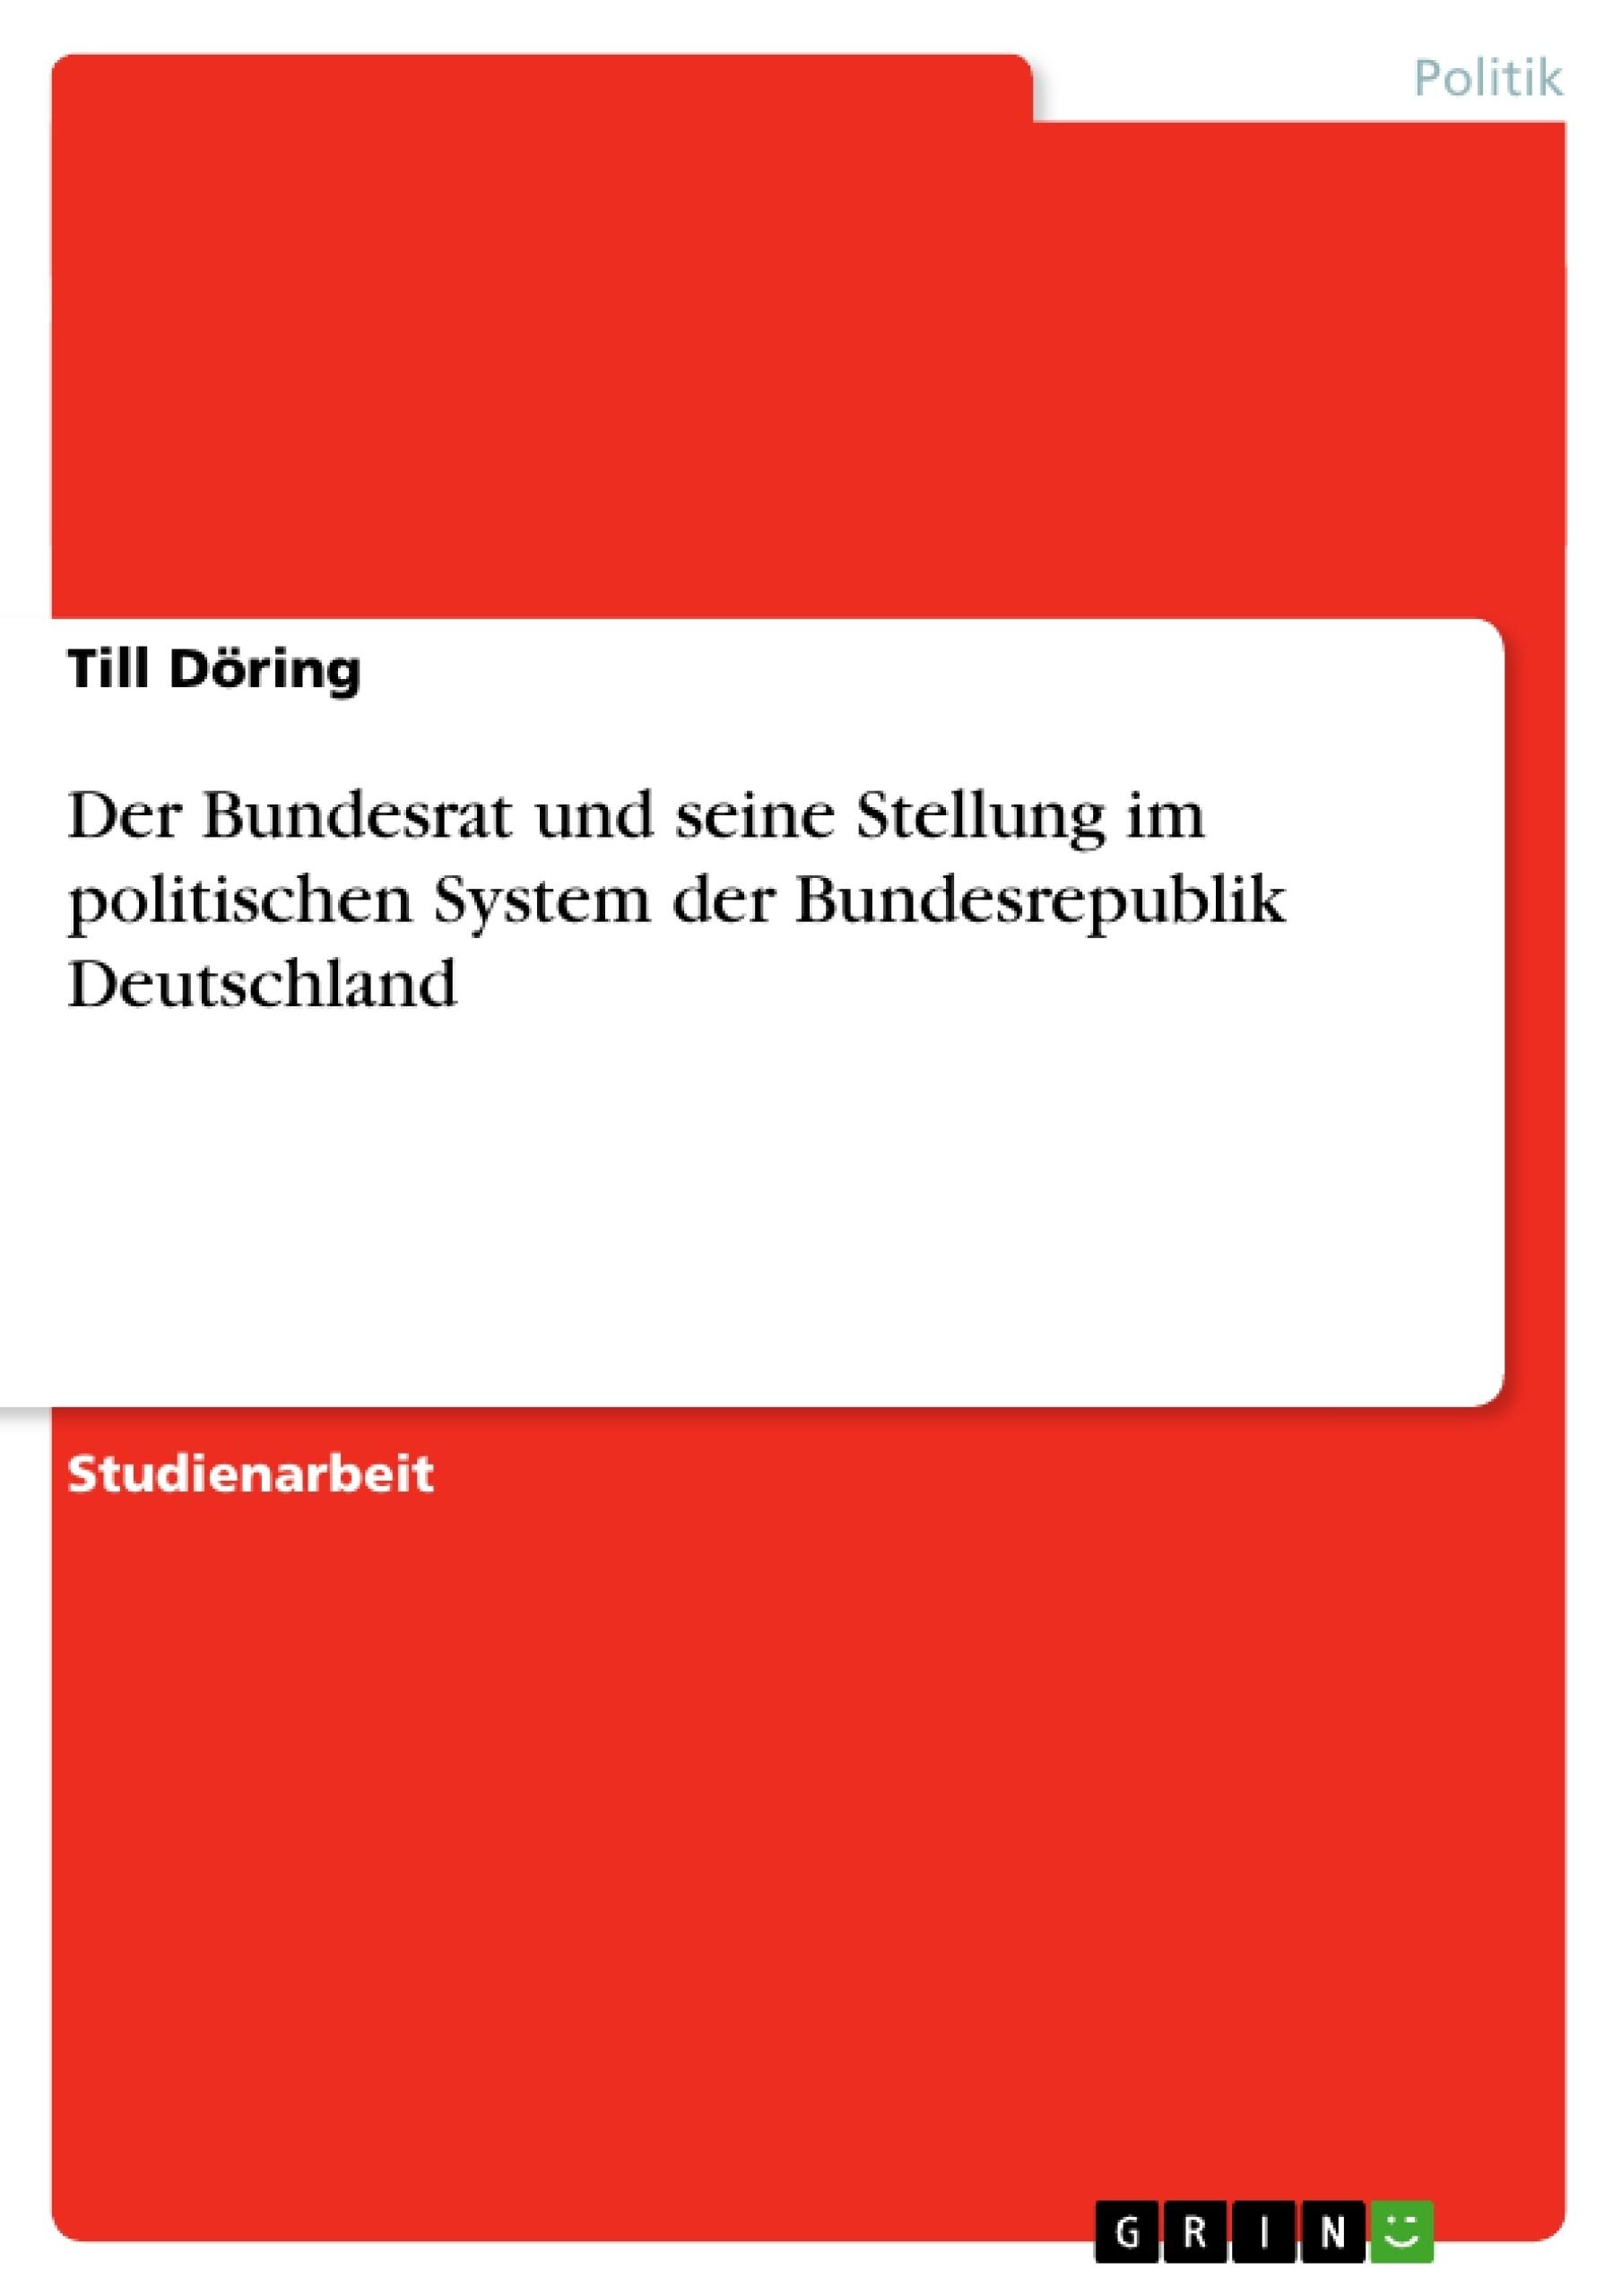 Titel: Der Bundesrat und seine Stellung im politischen System der Bundesrepublik Deutschland